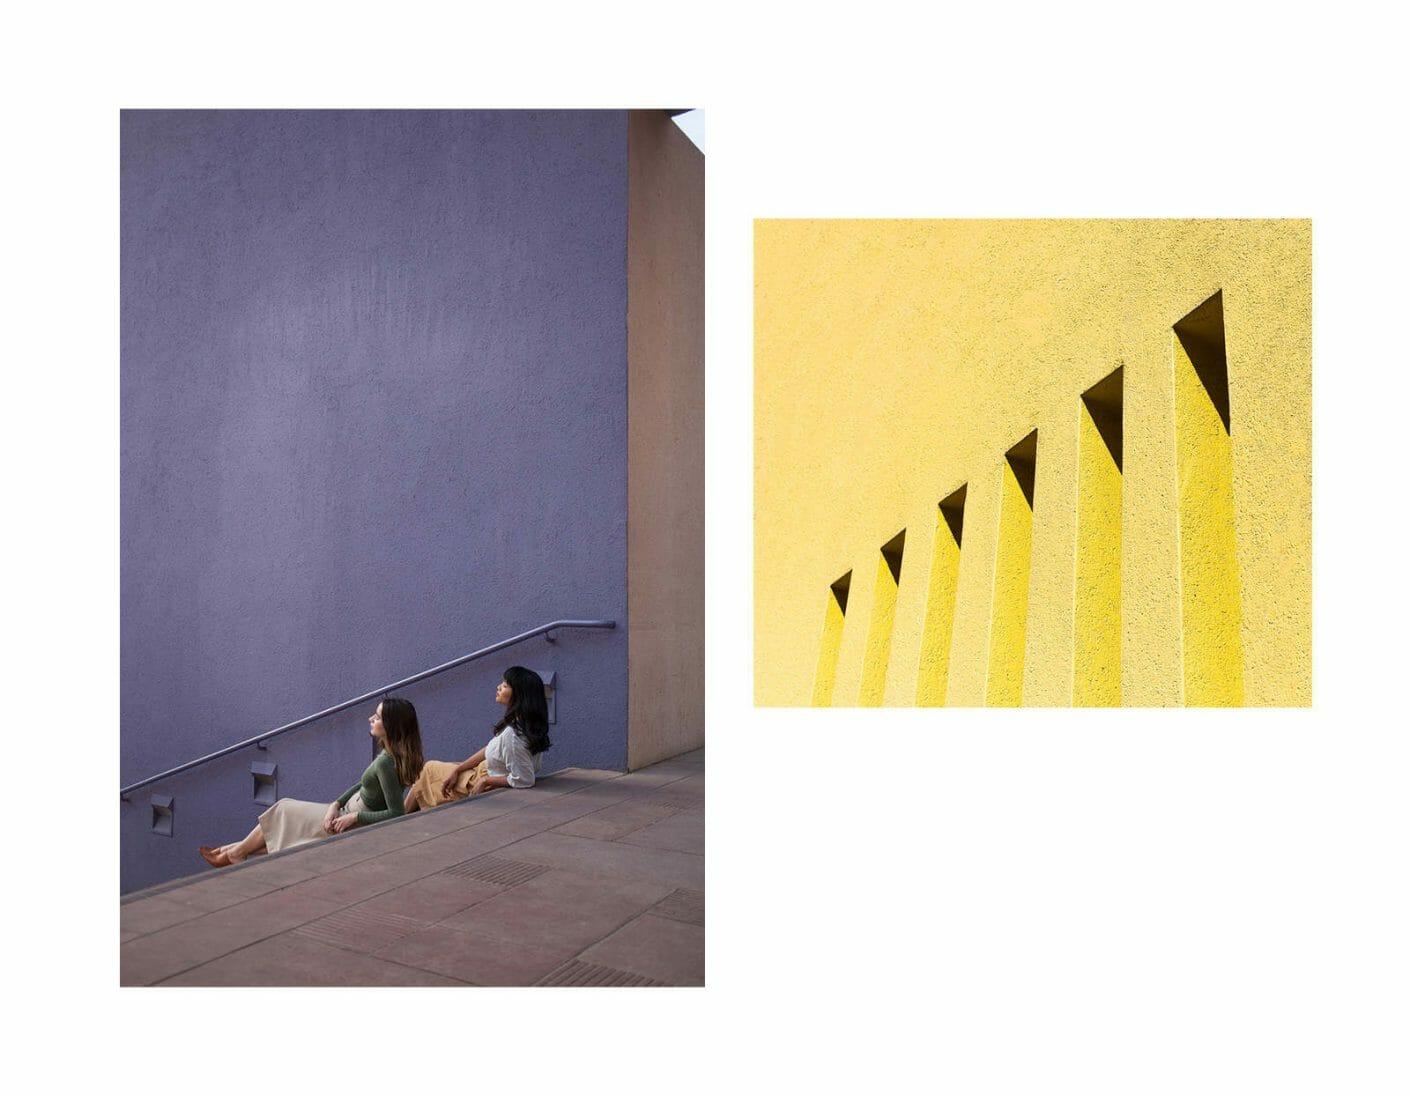 L'introspection artistique de June Kim et Michelle Cho 2